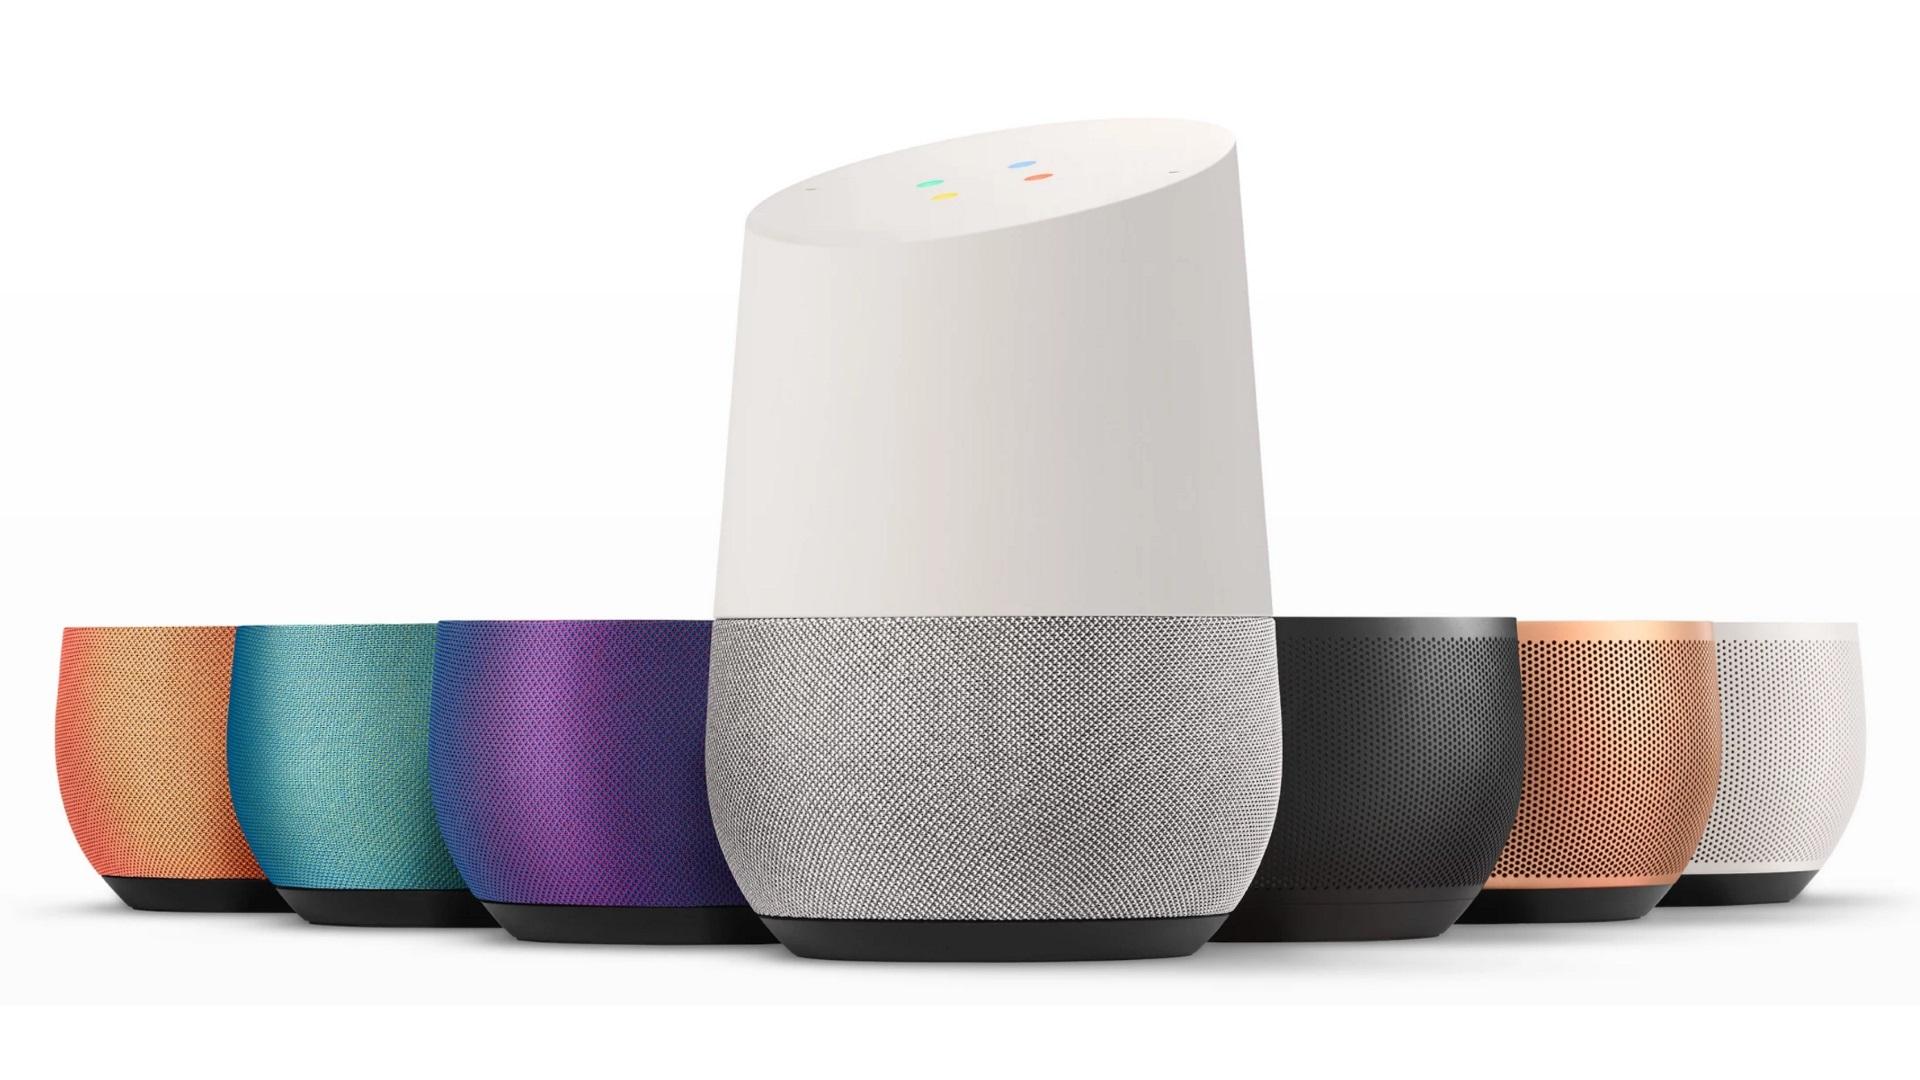 米B&Hが「Google Home」も2個セットを$29引きで販売中、日本直送にももちろん対応